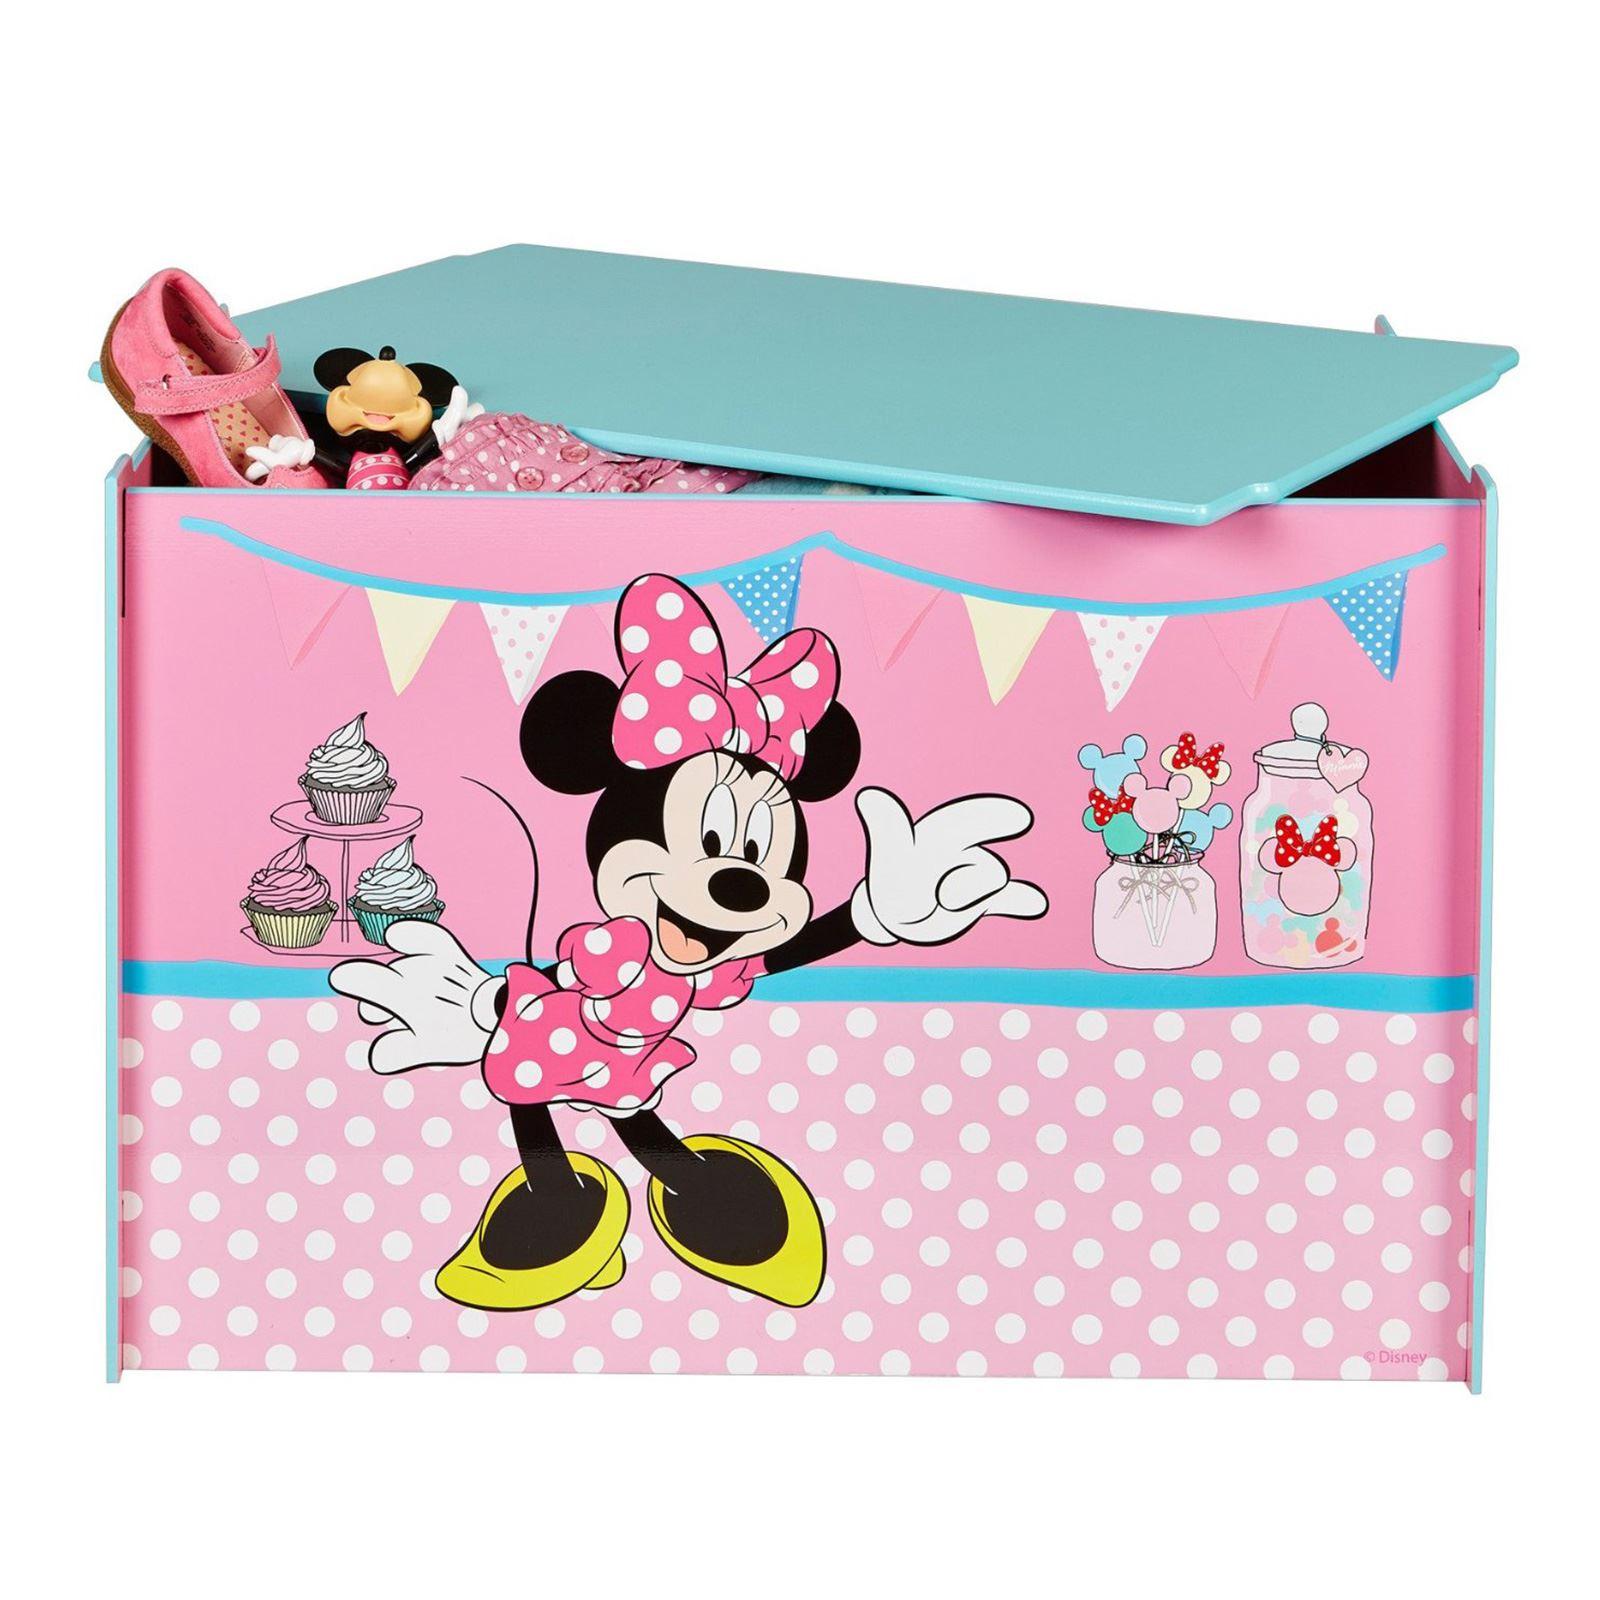 minnie mdf de la souris bote de rangement bote de jouets pour enfants jouets jeux p gratuit p nouvelle